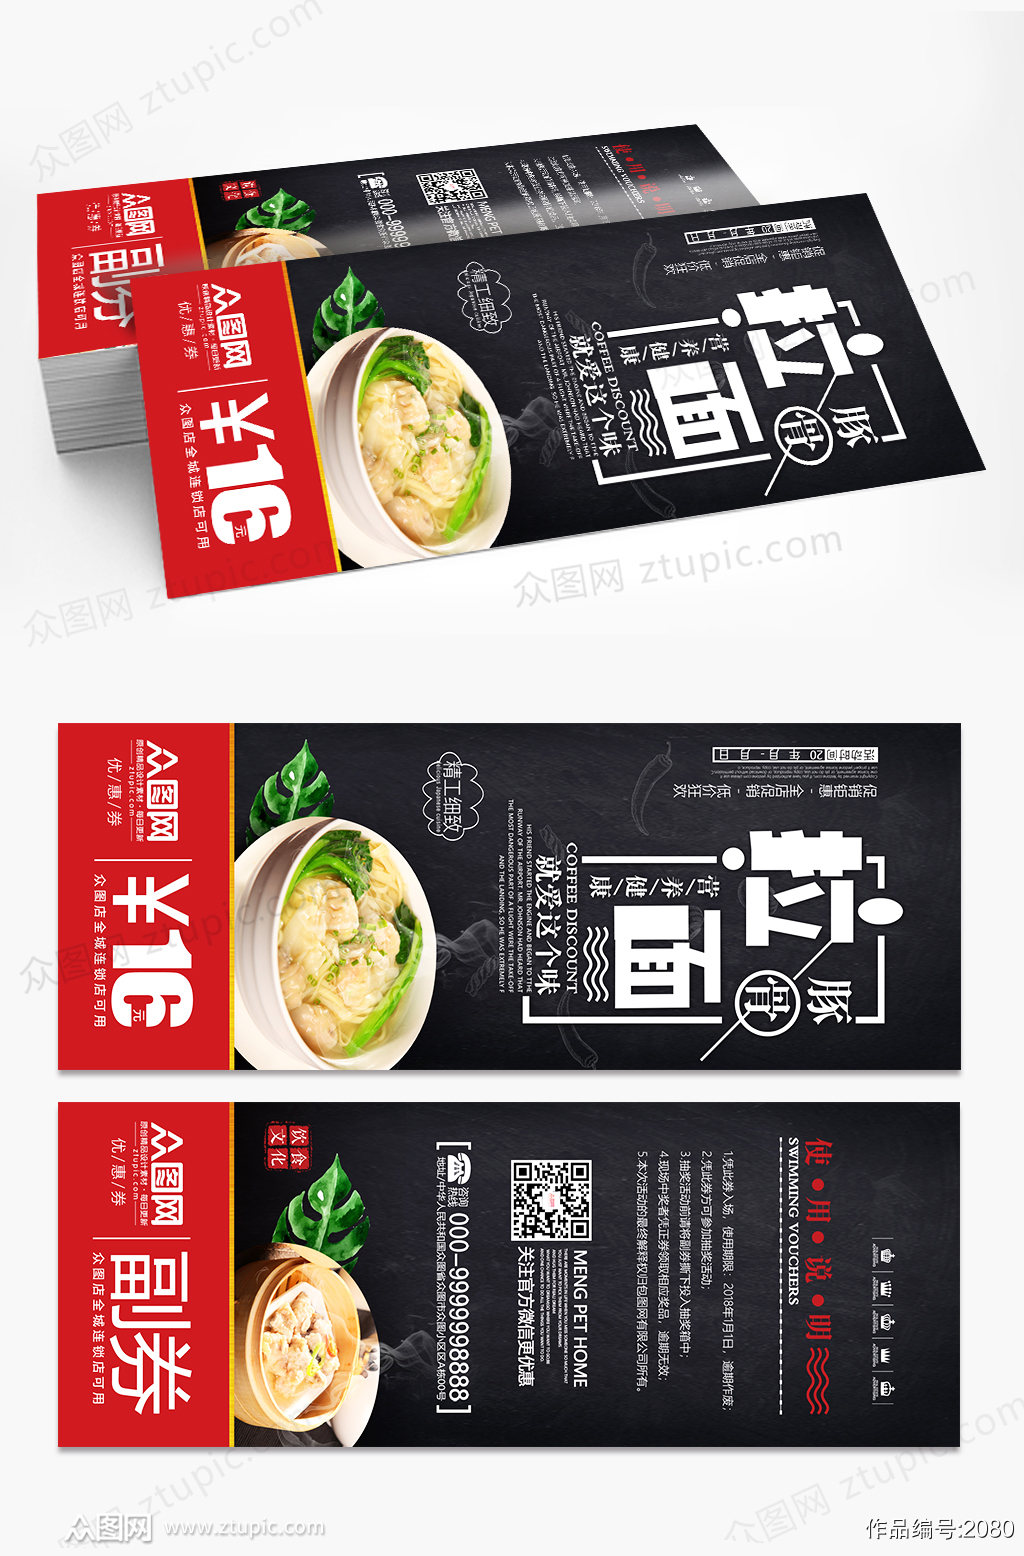 简单创意竖版拉面馆日料餐厅代金券设计素材